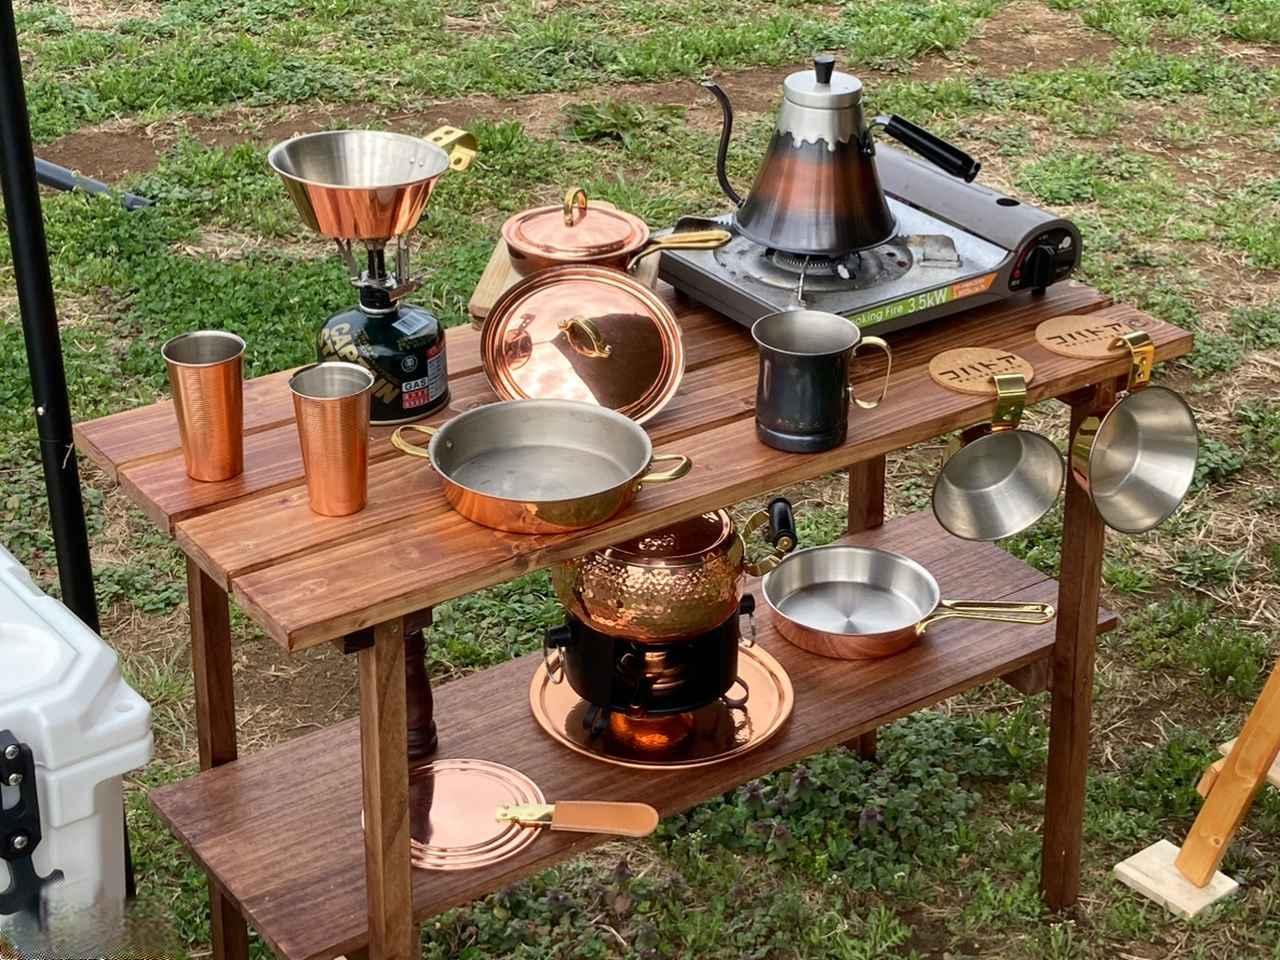 画像: キャンプのキッチン用品をおしゃれに揃えるなら! 銅製品のおすすめアイテム4選 マグカップやドリップポッドなど - ハピキャン キャンプ・アウトドア情報メディア